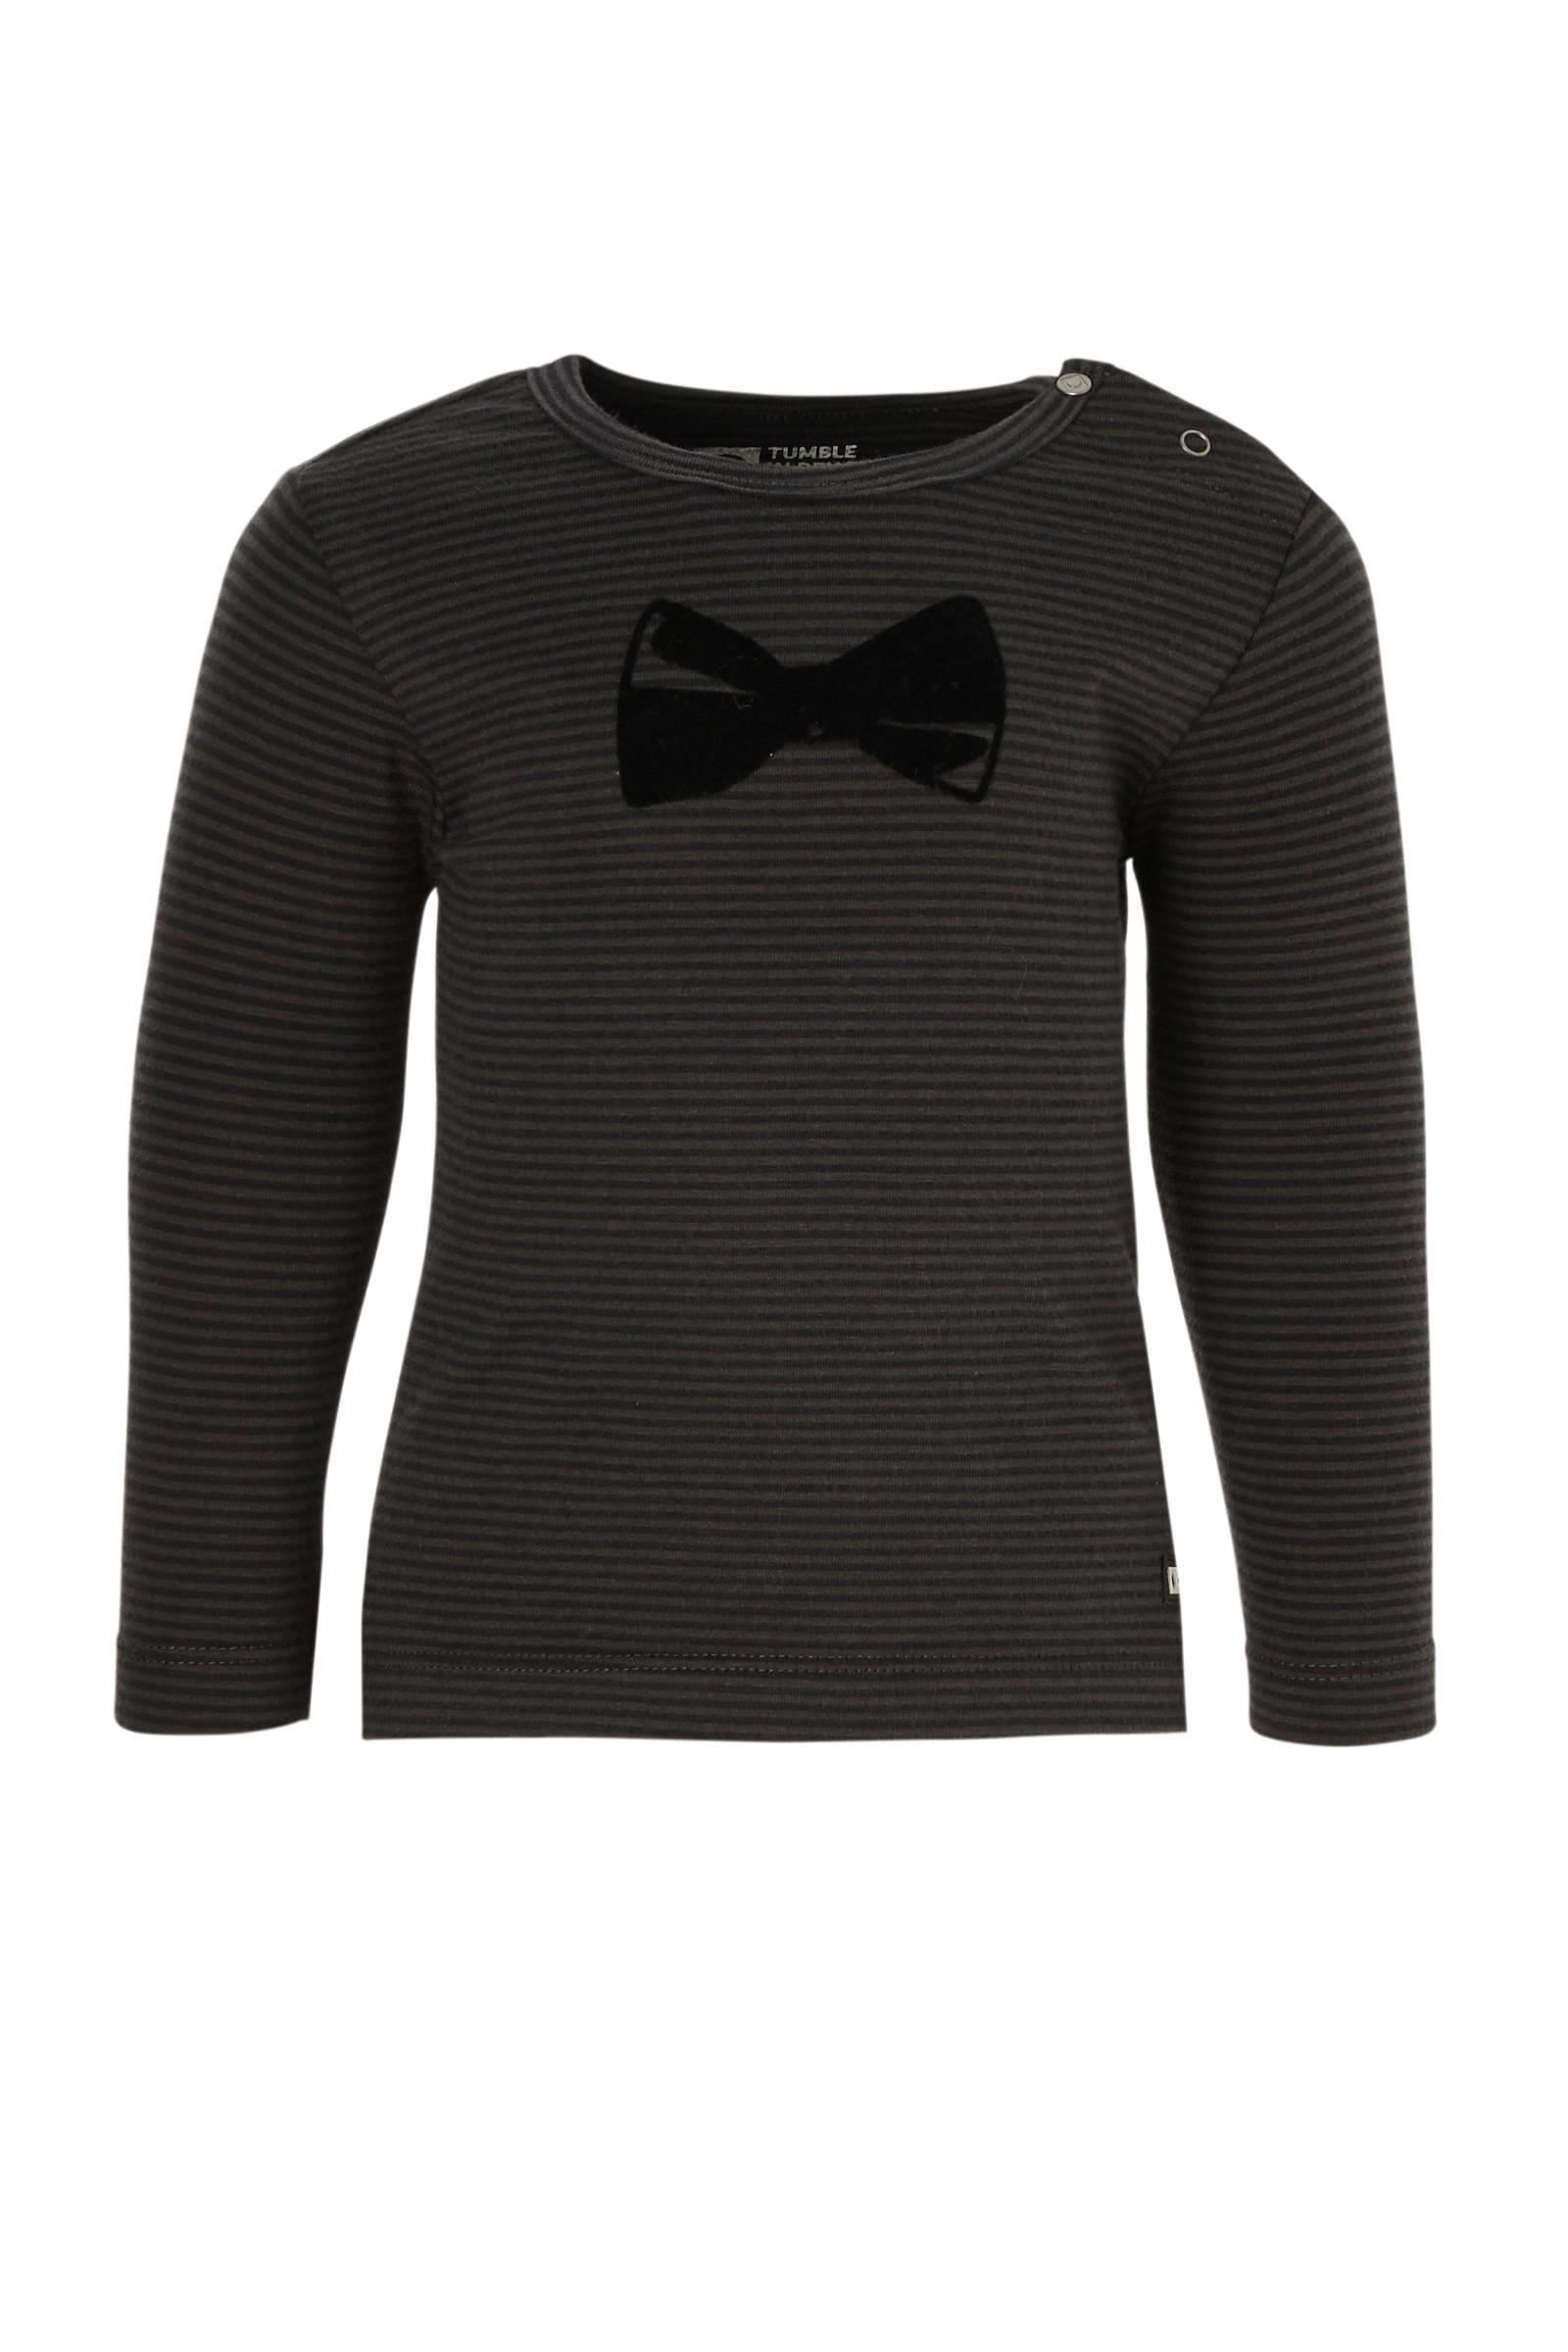 Tumble 'n Dry Zero T-shirt Xar met lange mouwen